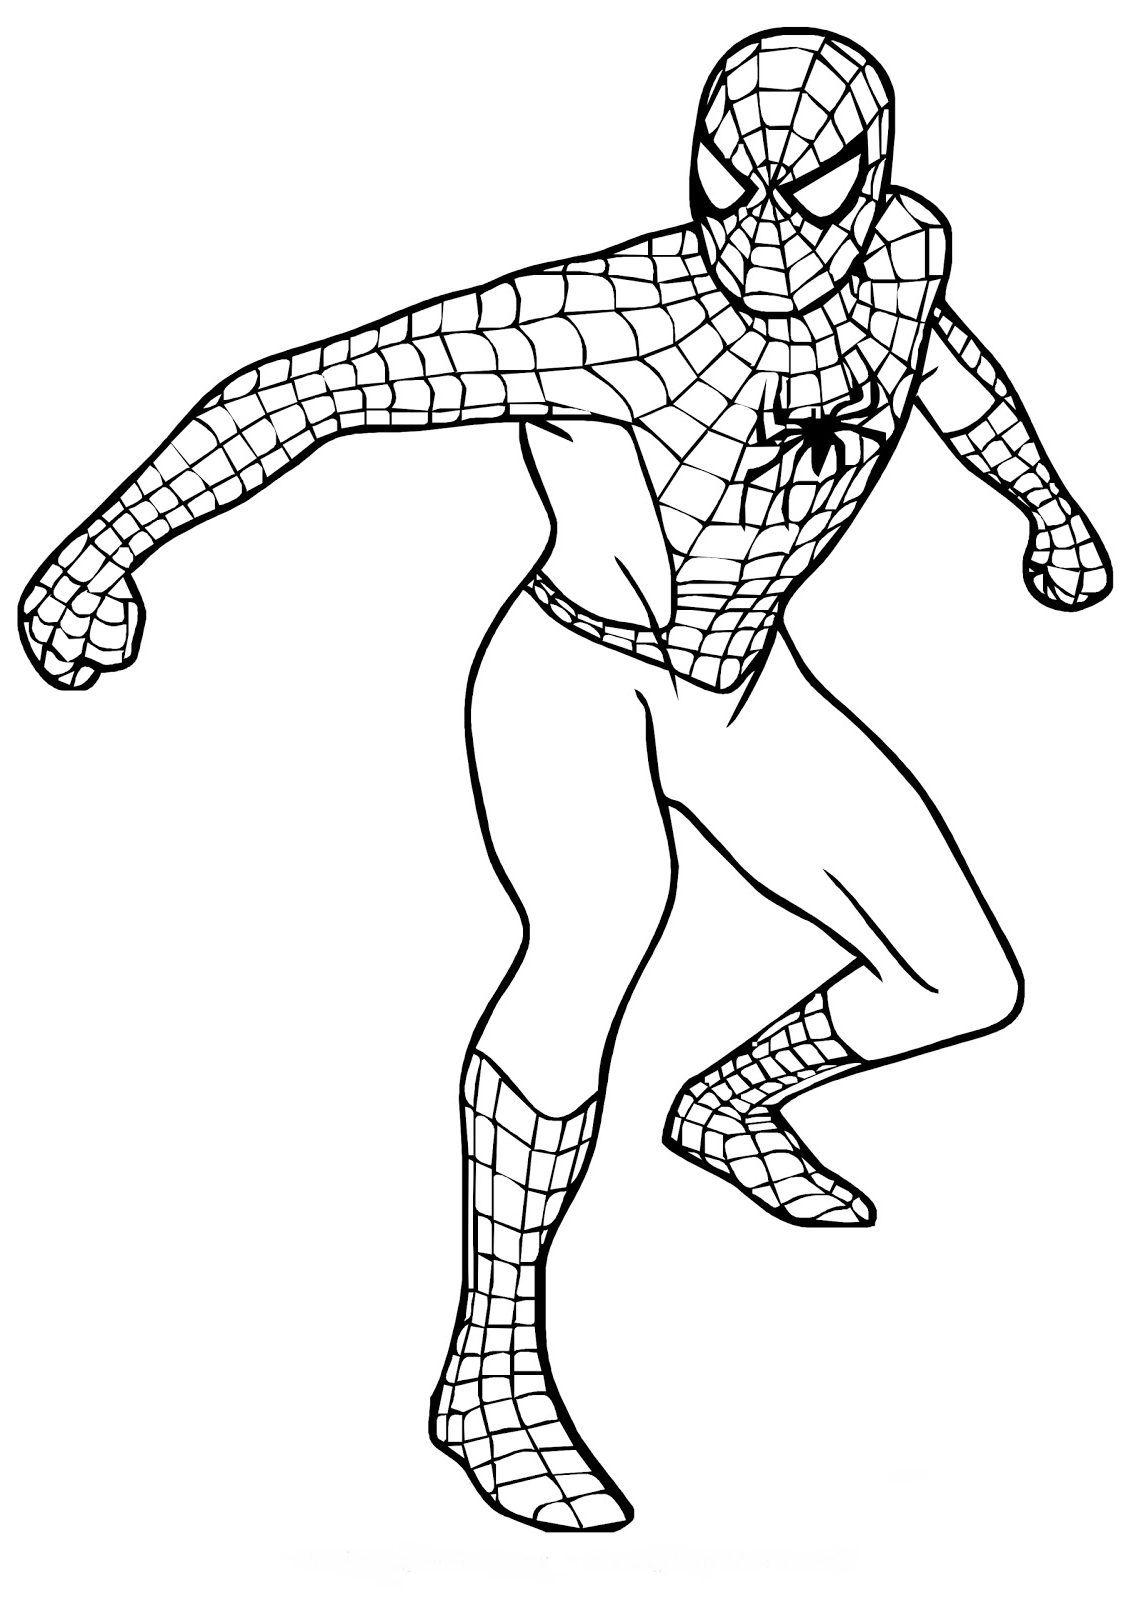 Top 20 Ausmalbilder Spiderman zum Ausdrucken Kostenlos ...